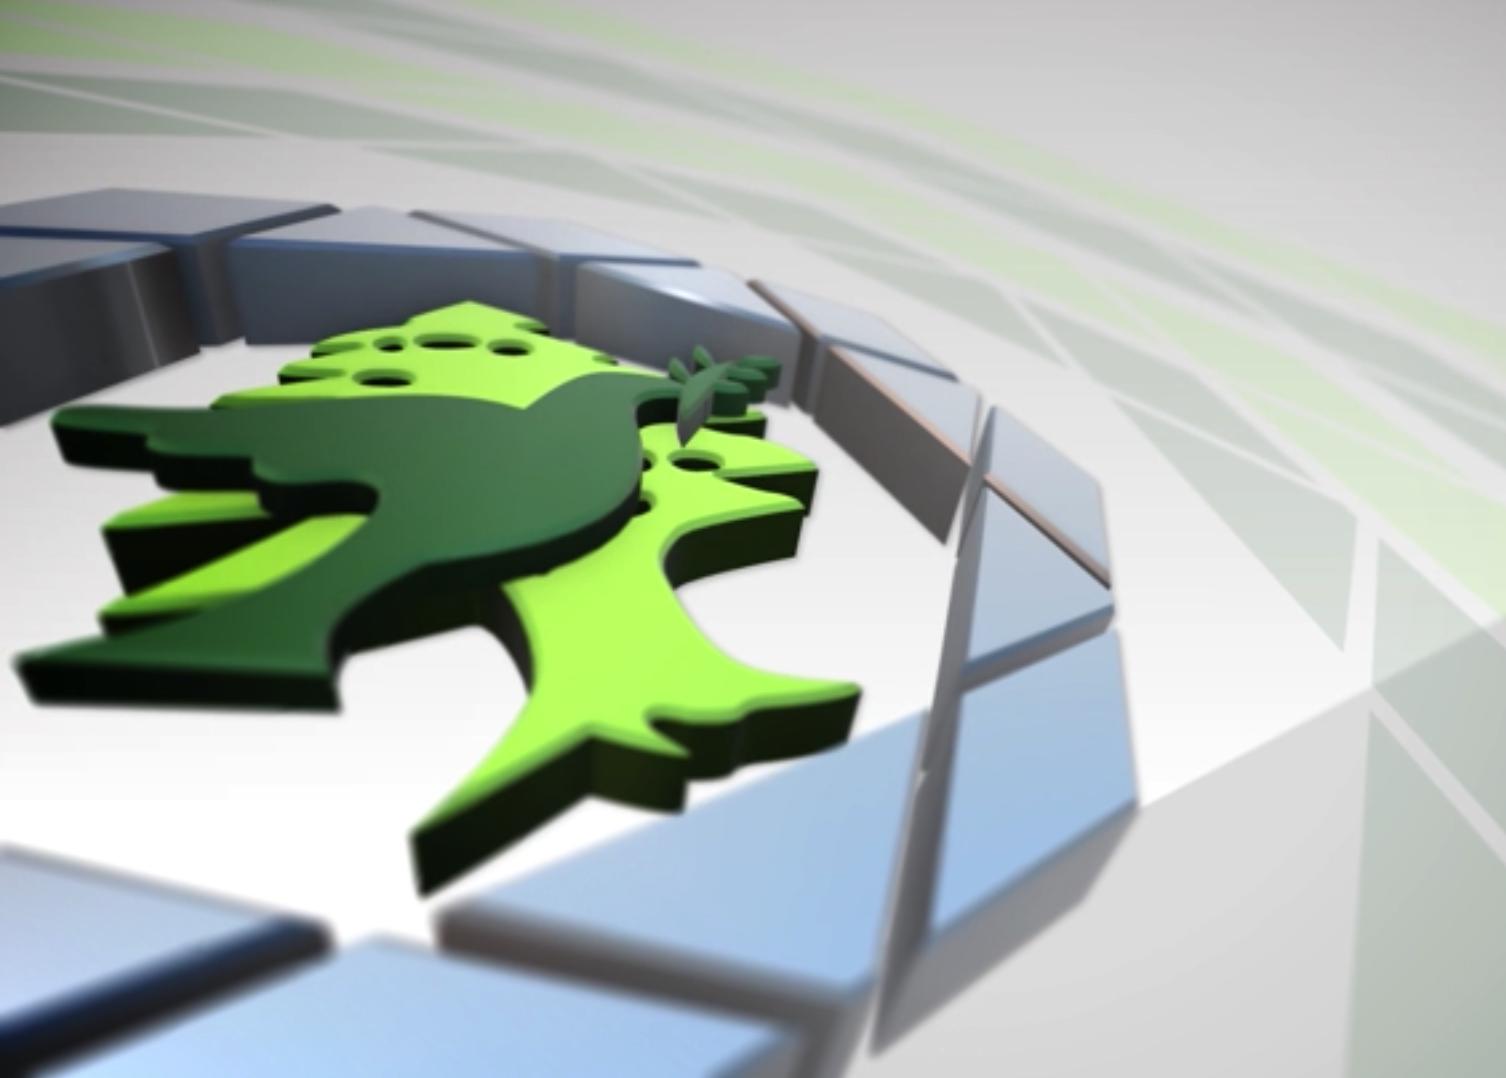 Ehf animated logo   cropped